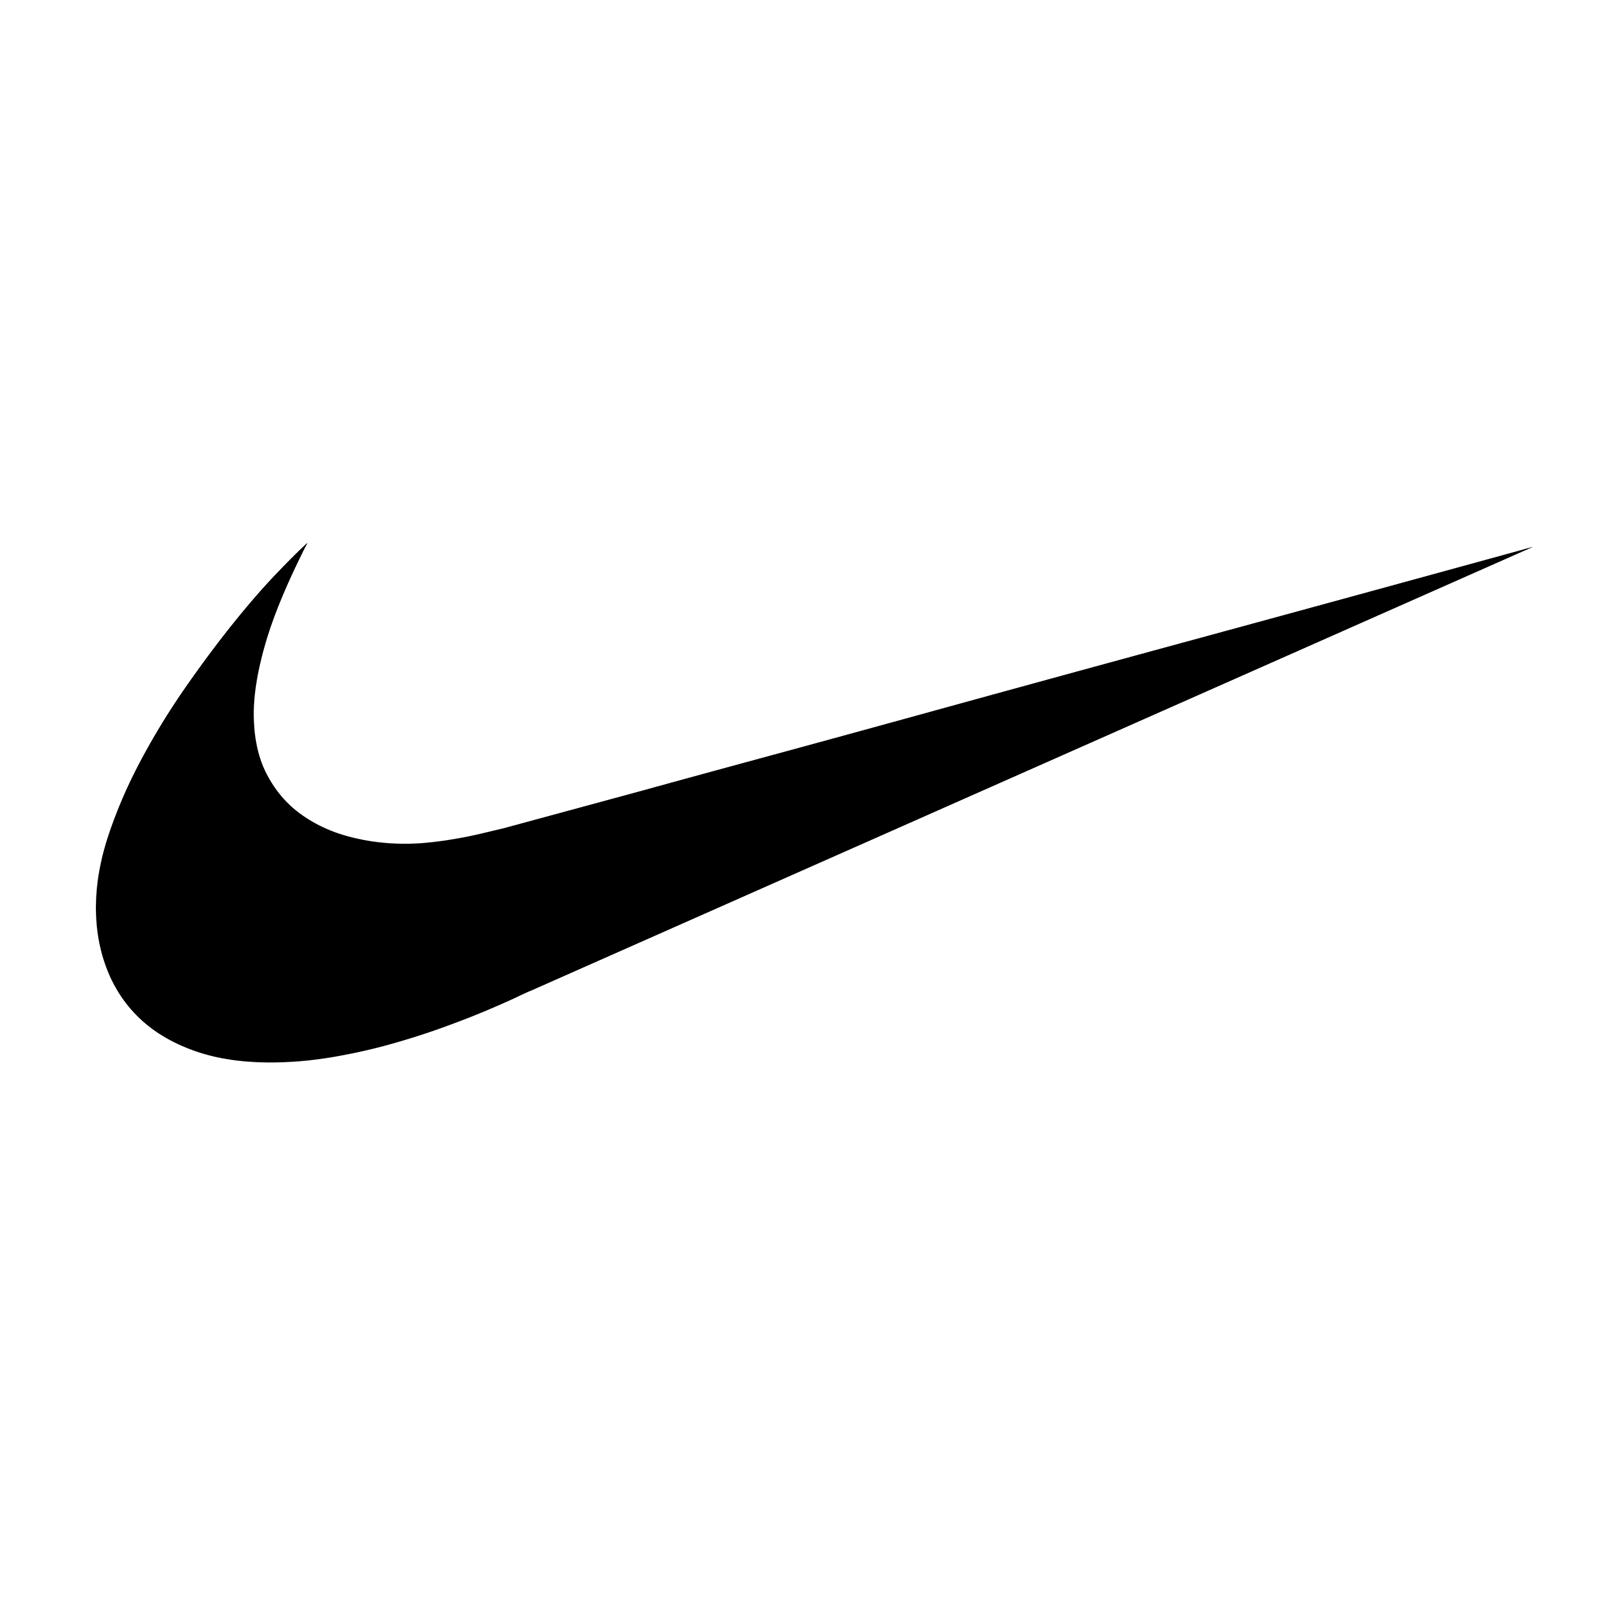 Nike Headquaters